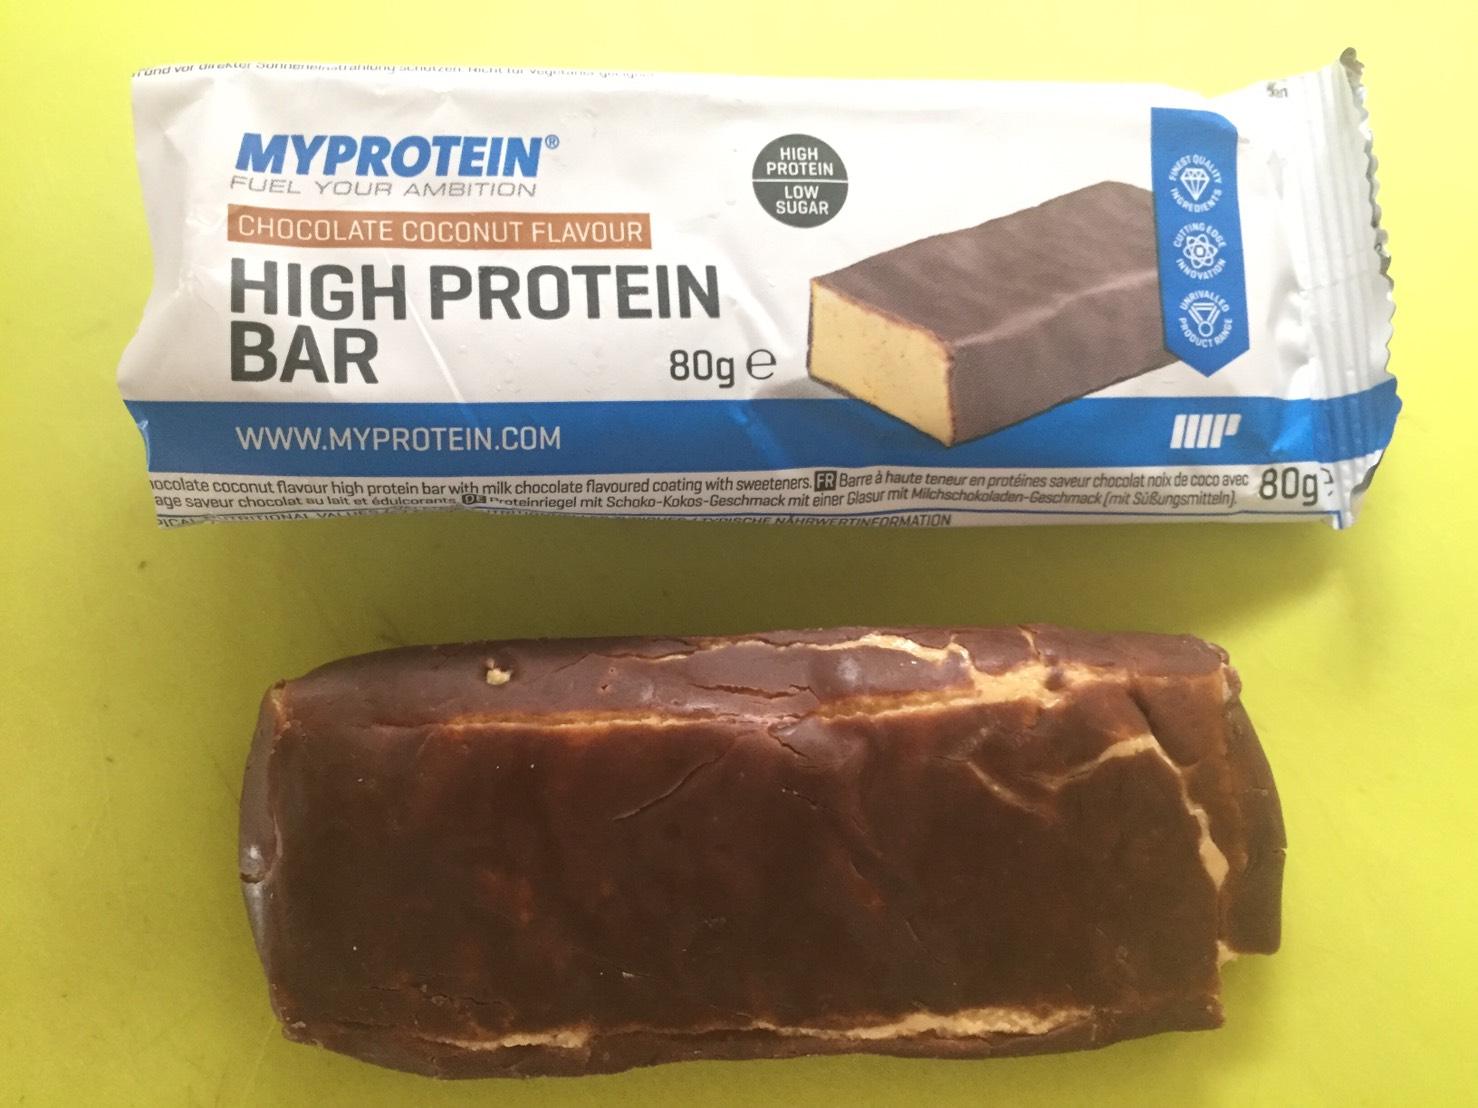 ハイプロテインバー(High Protein Bar)「CHOCOLATE COCONUT FLAVOUR(チョコレートココナッツ味)」を開封した様子